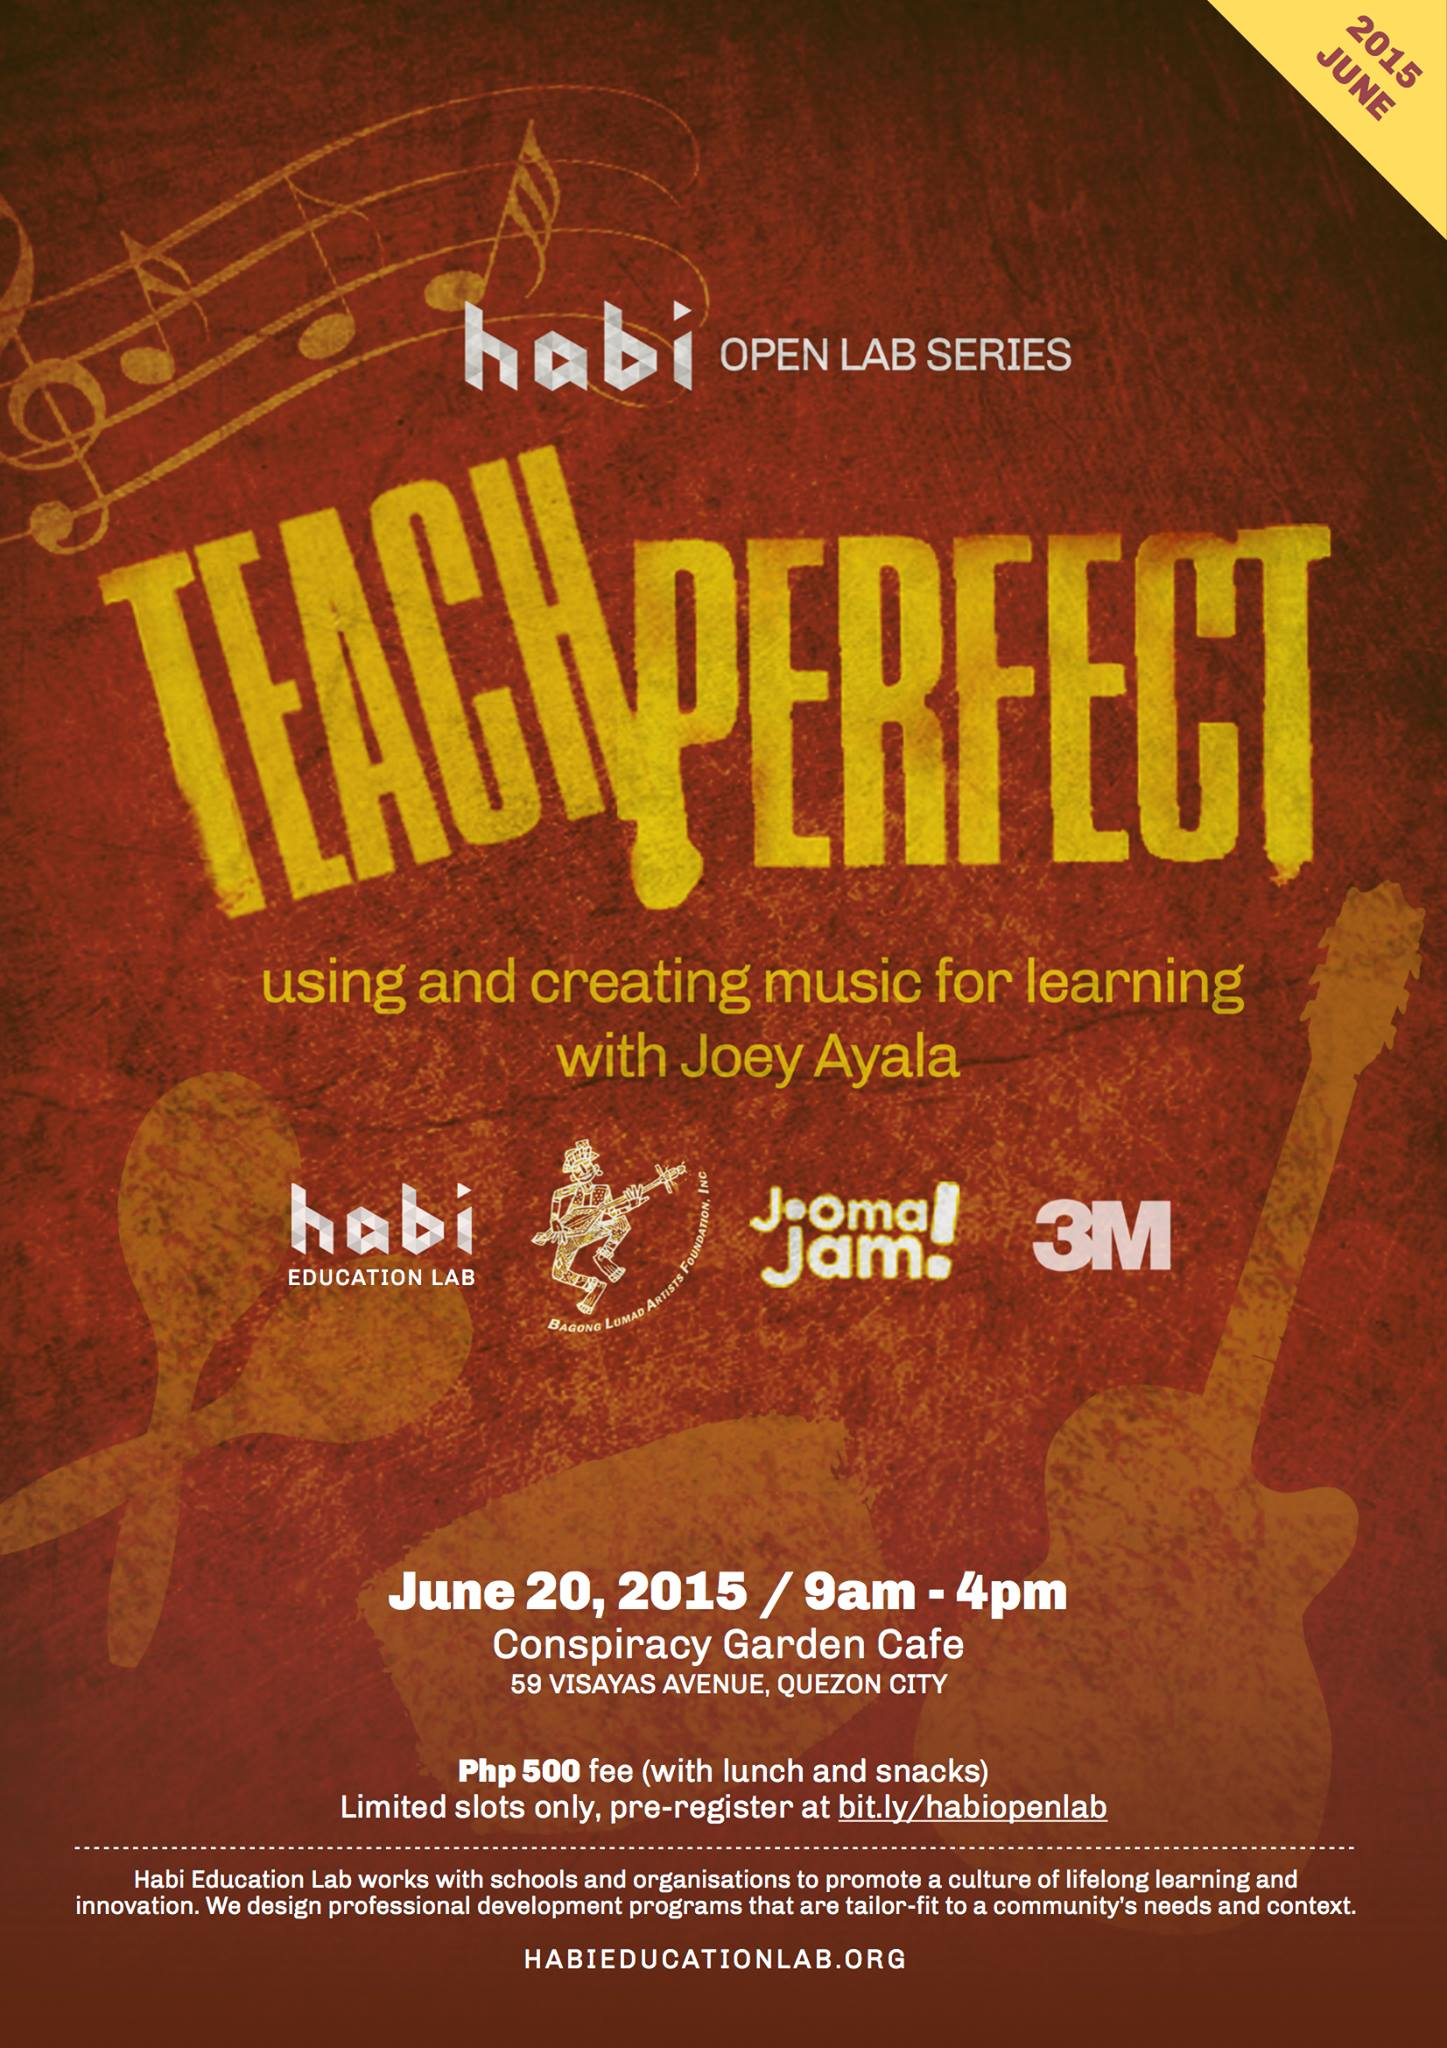 Teach Perfect